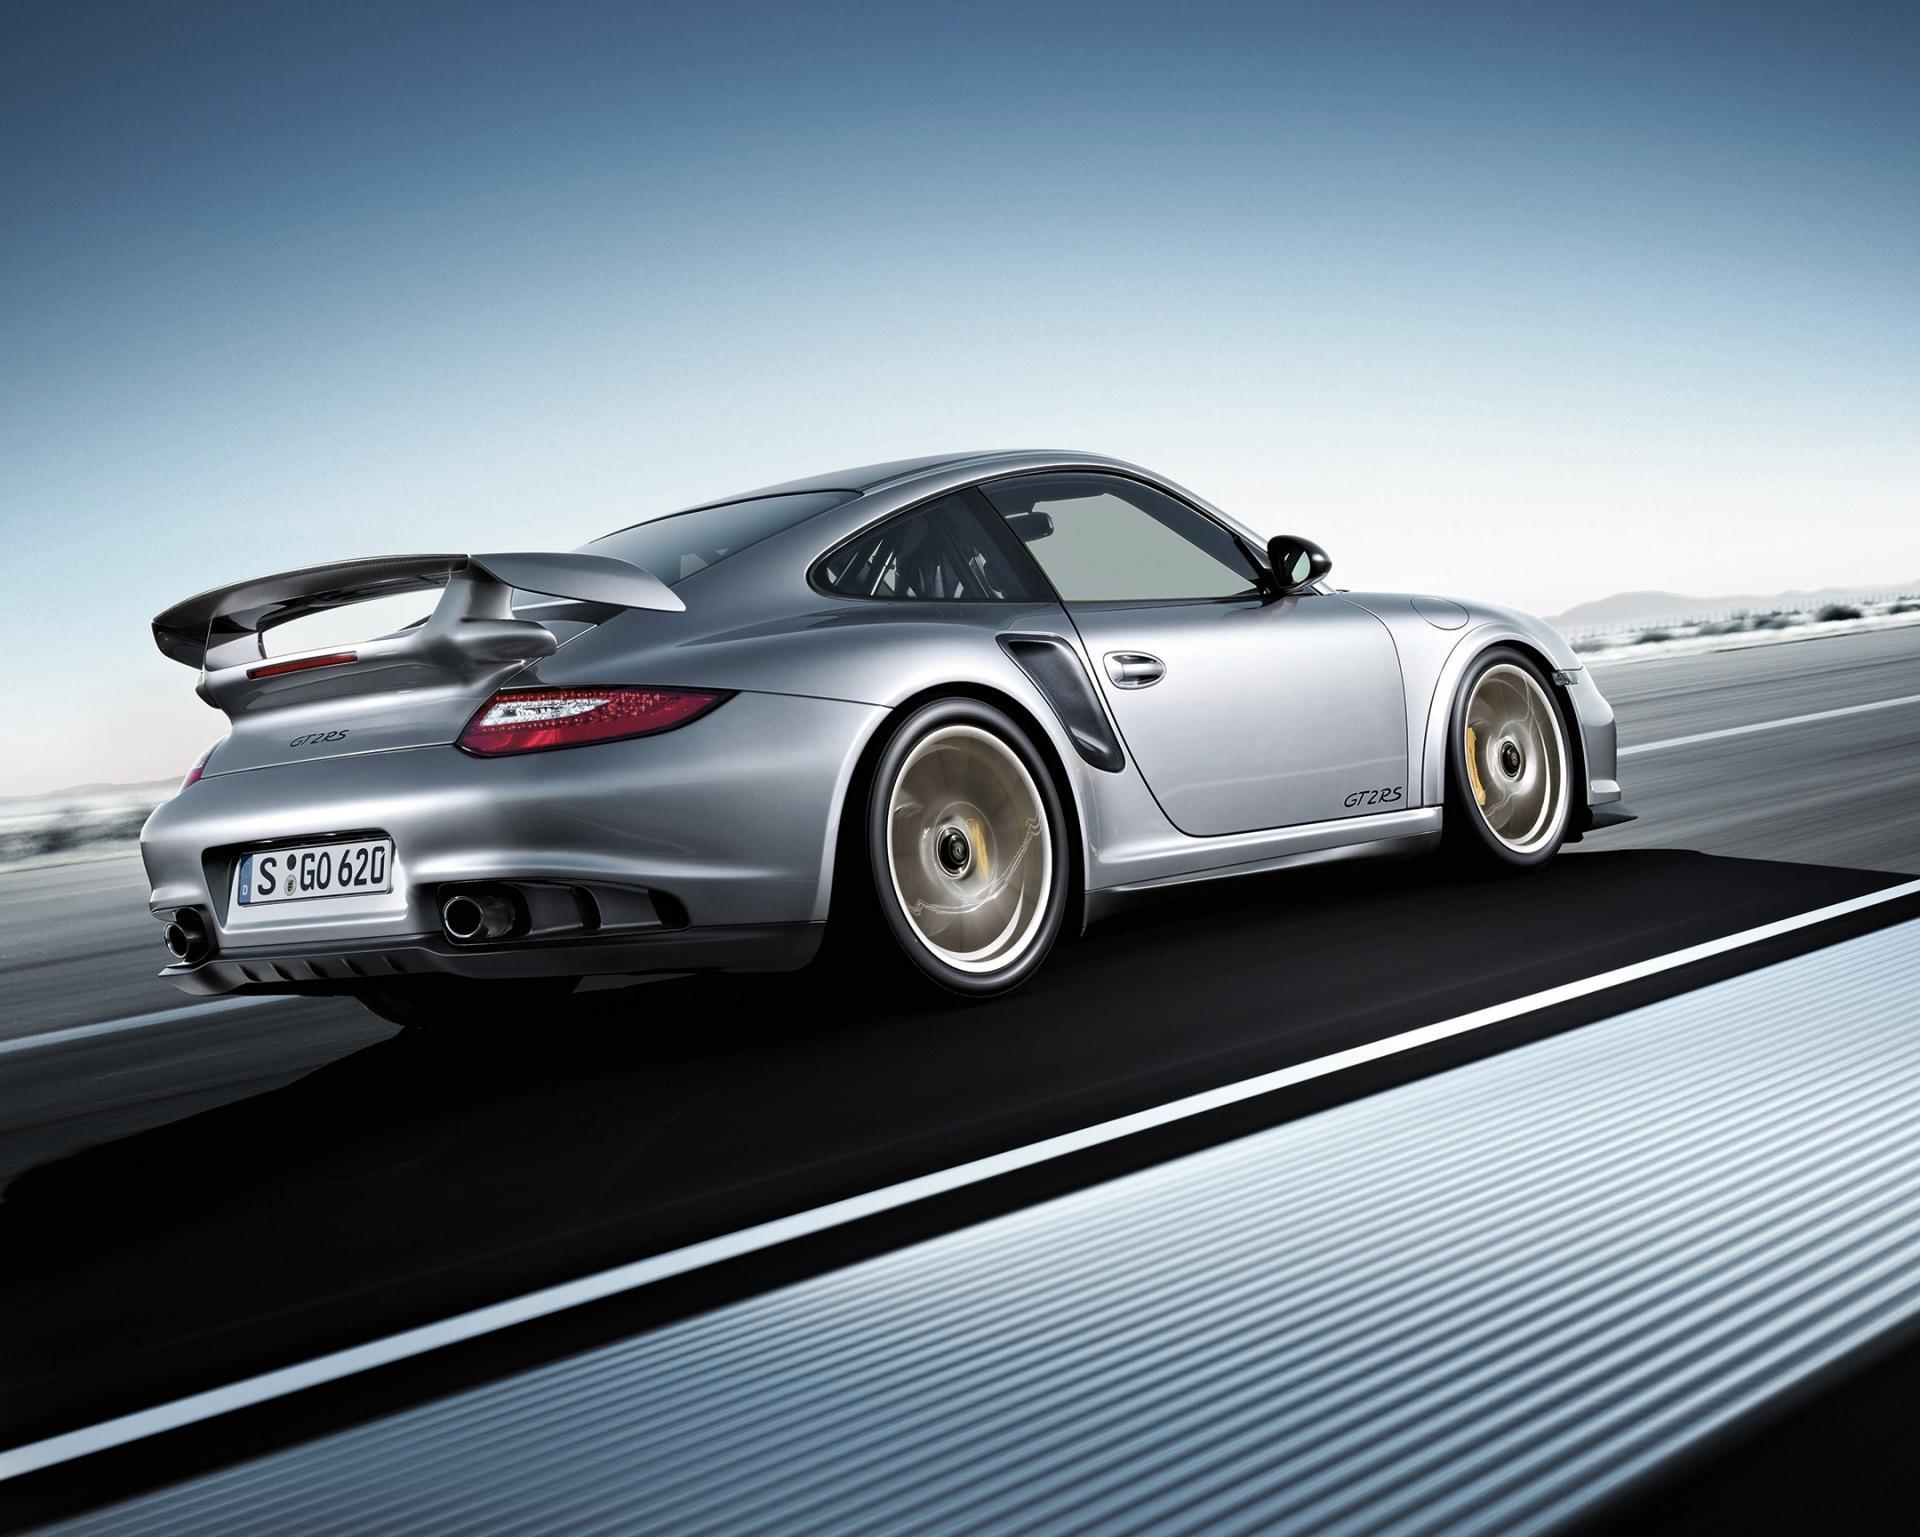 2011 Porsche 911 GT2 RS Image